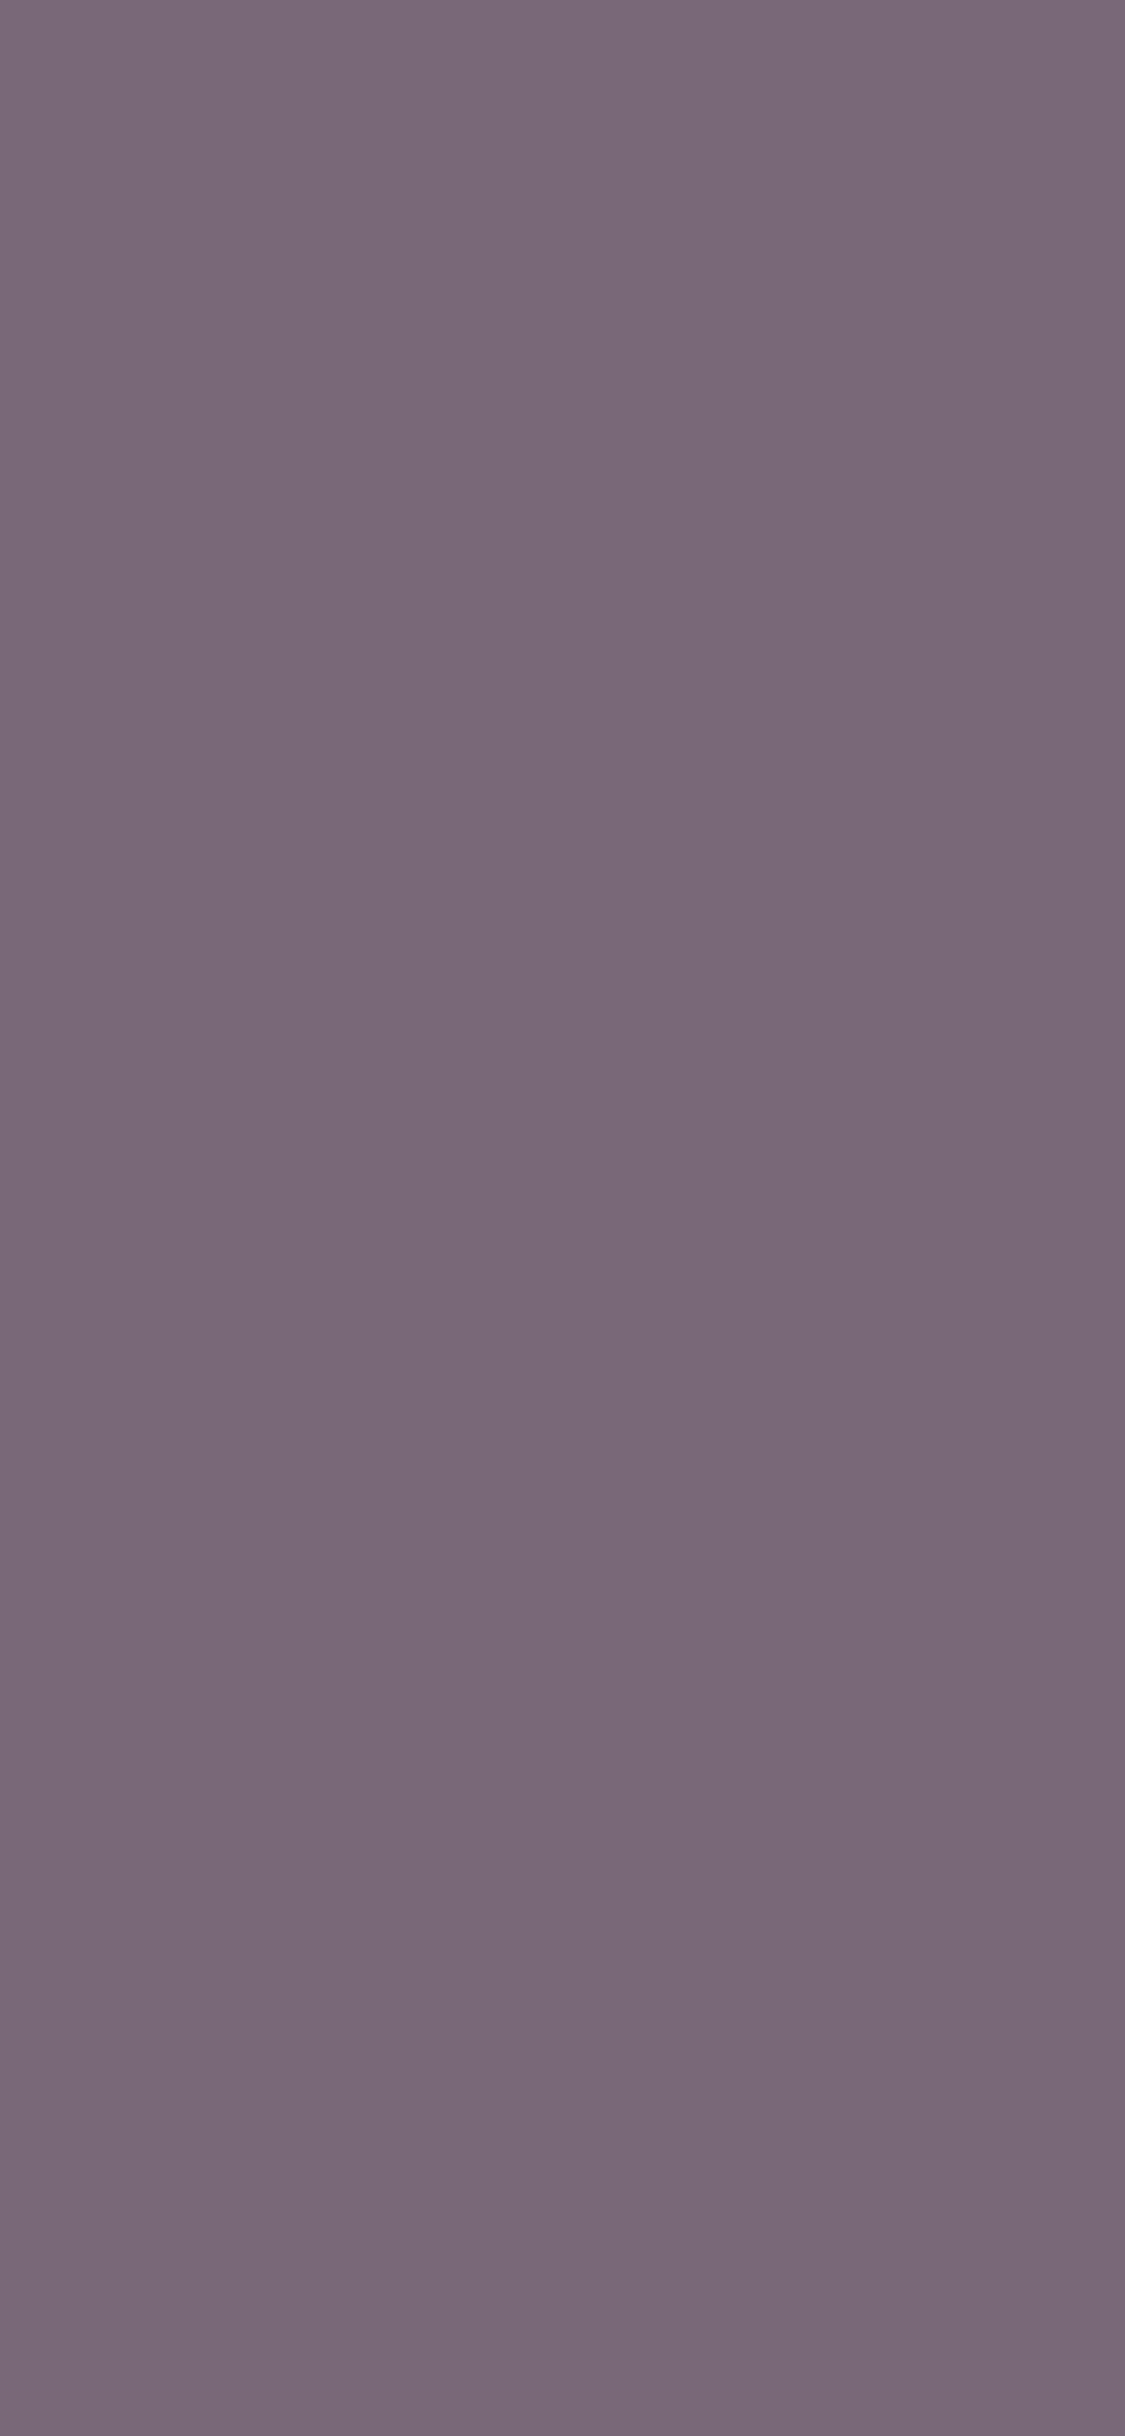 1125x2436 Old Lavender Solid Color Background